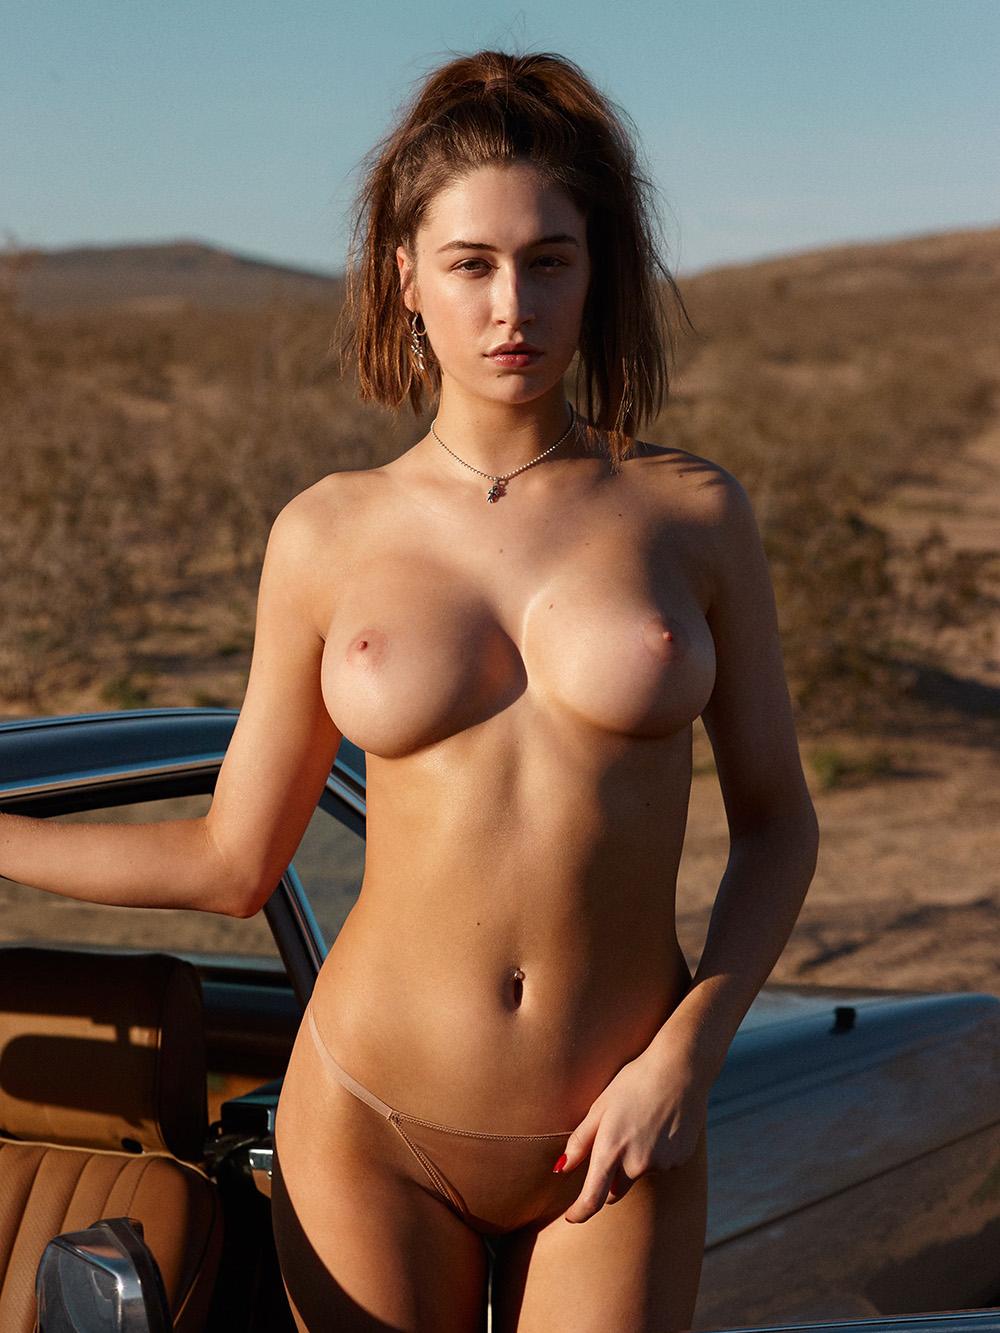 fotos de mulheres mostrando os seios